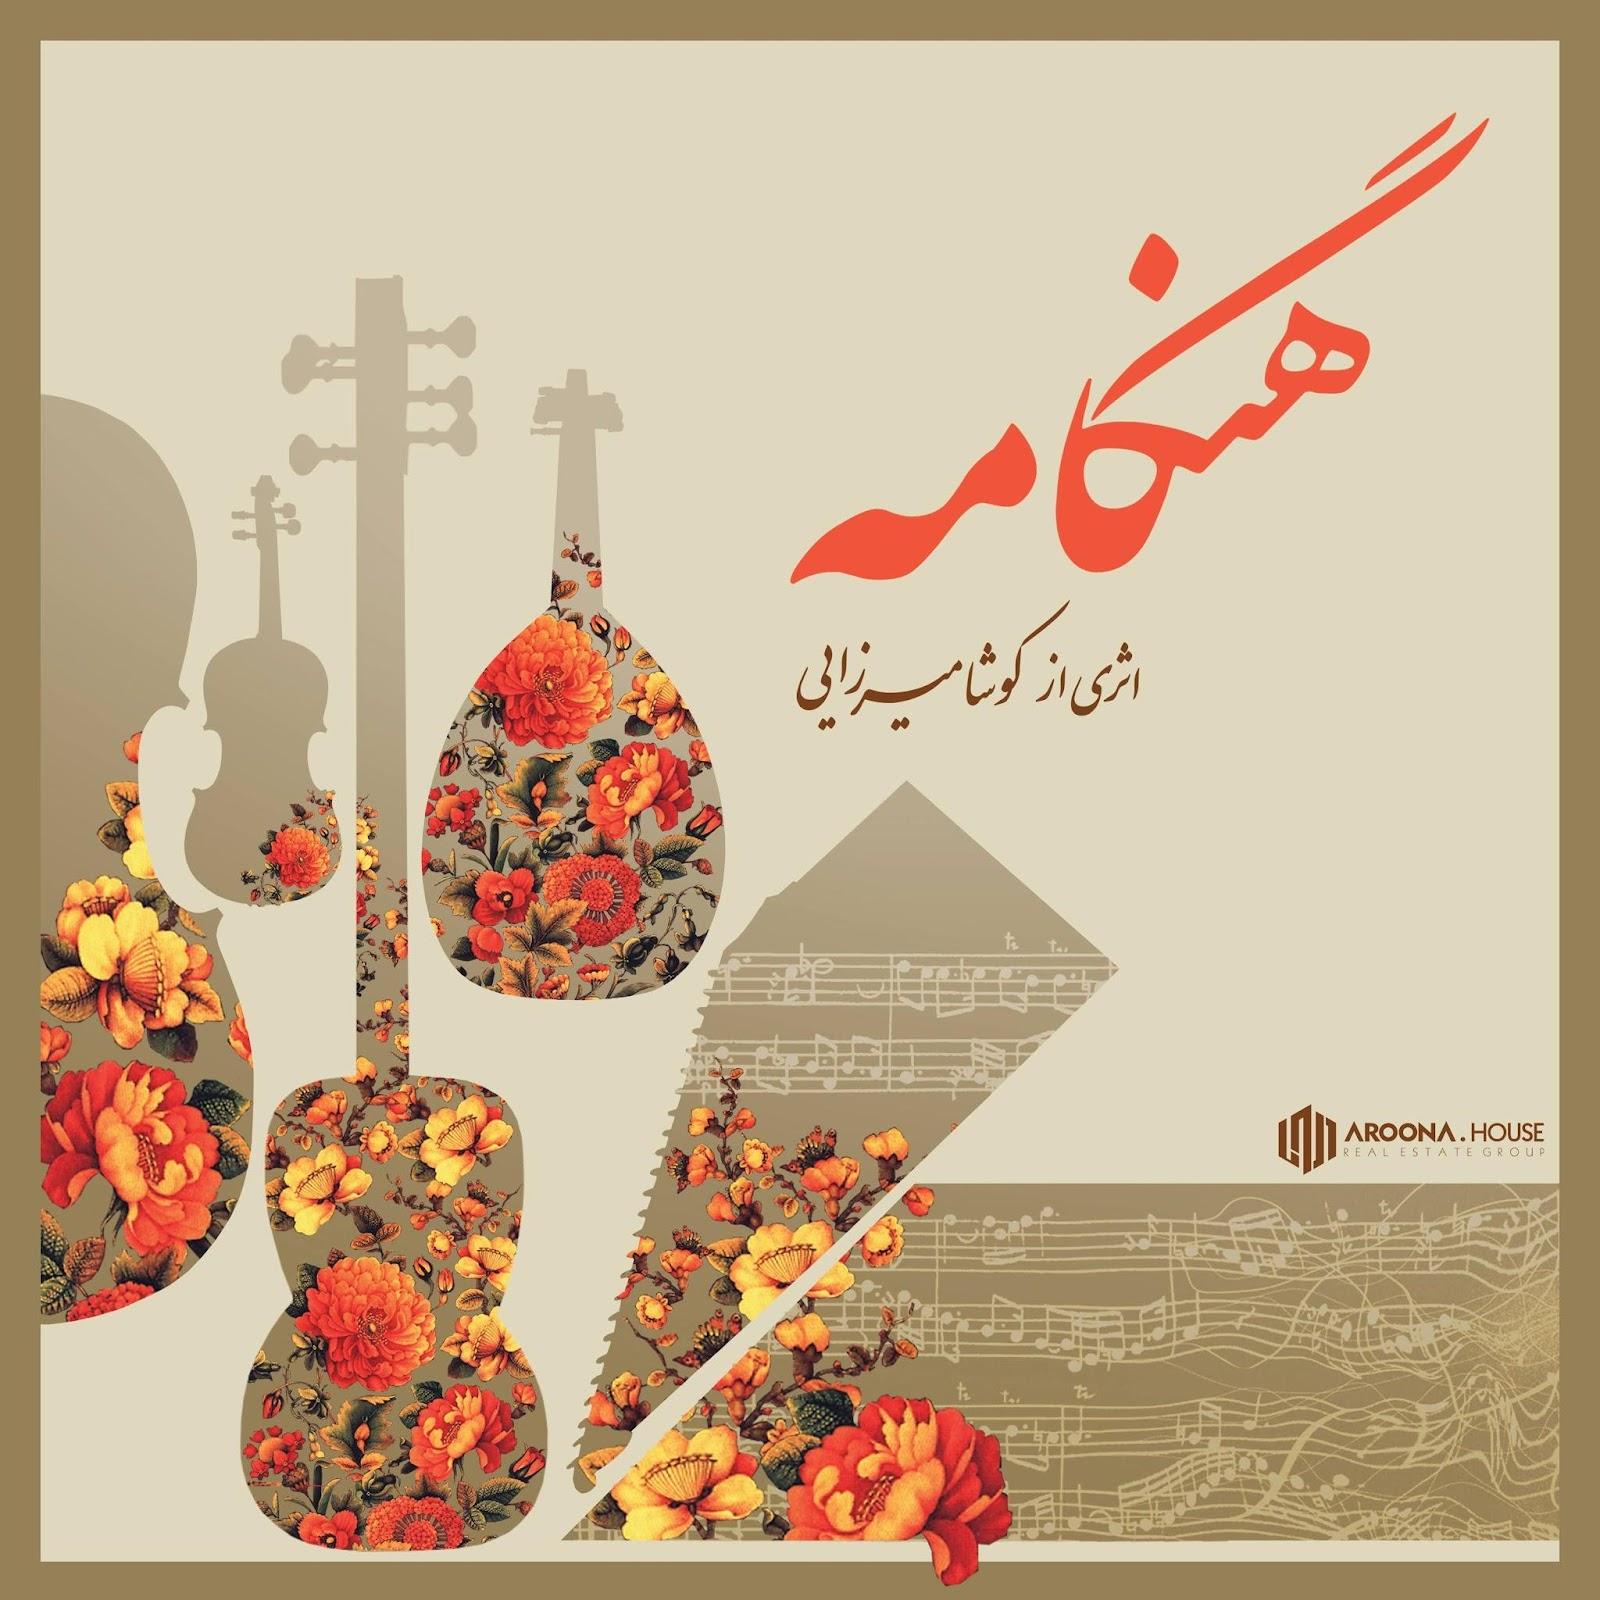 آهنگ هنگامه اثری از کوشا میرزایی